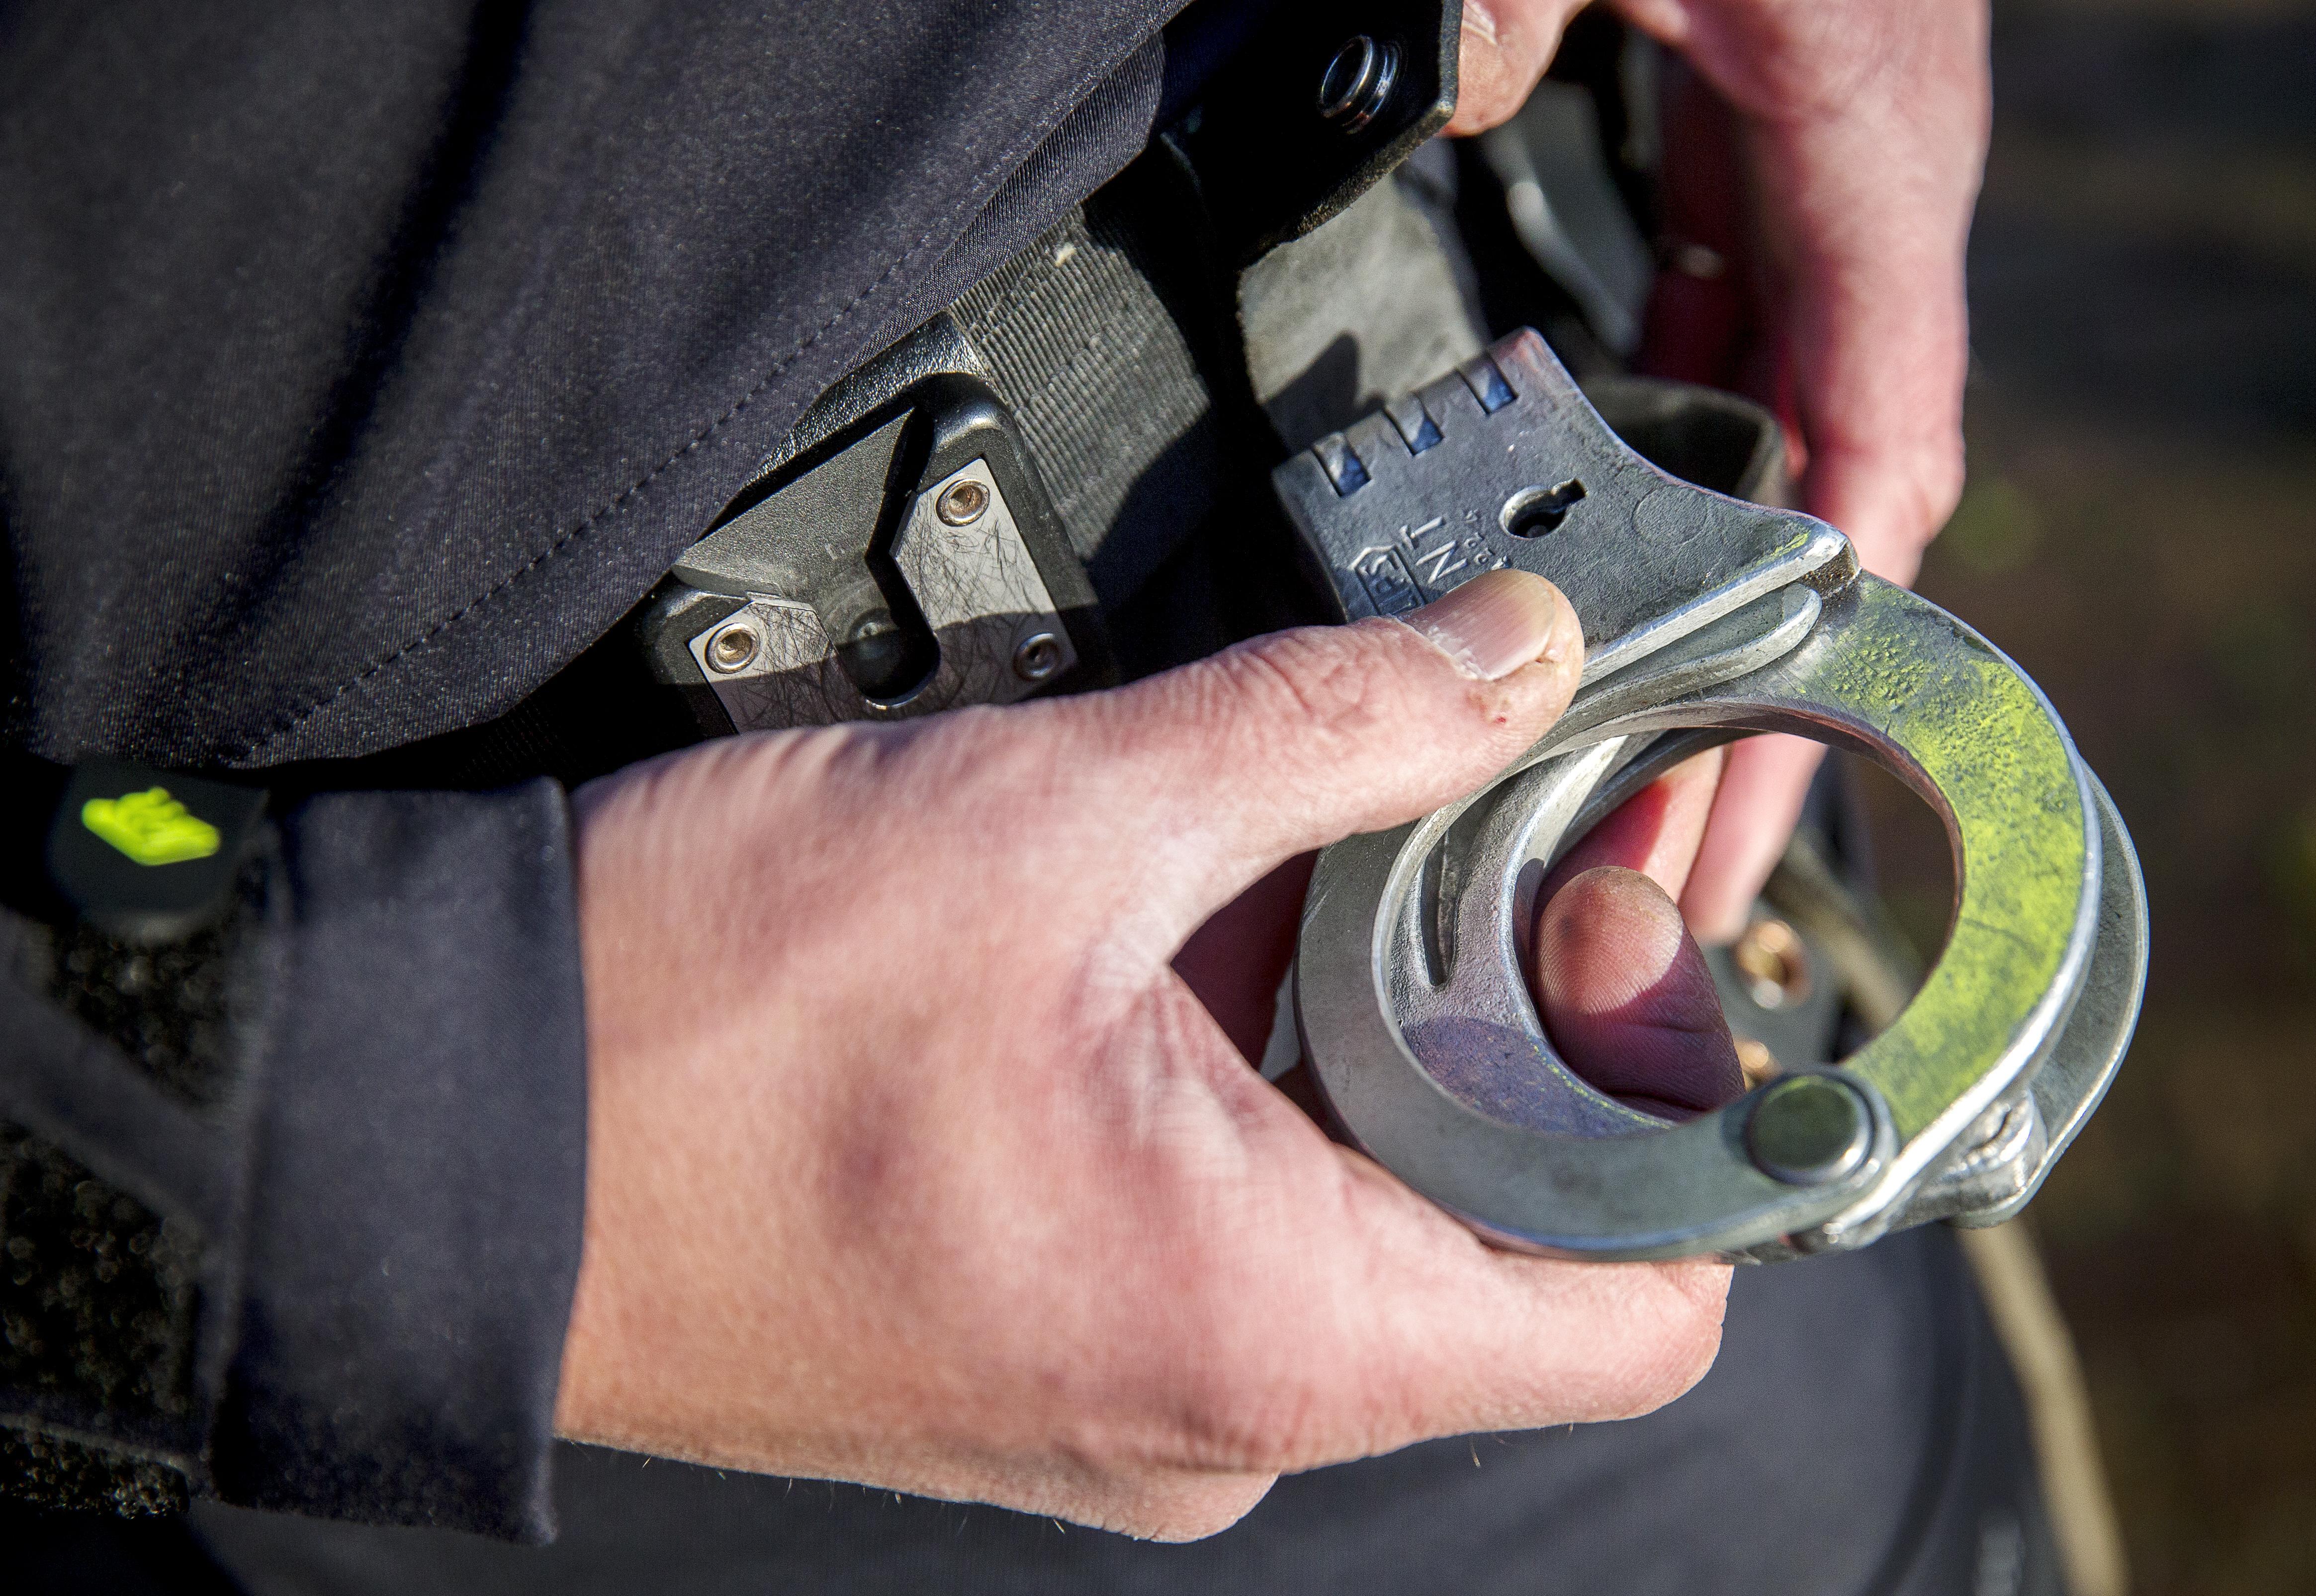 Haarlemmer met buit aangehouden voor inbraak in auto